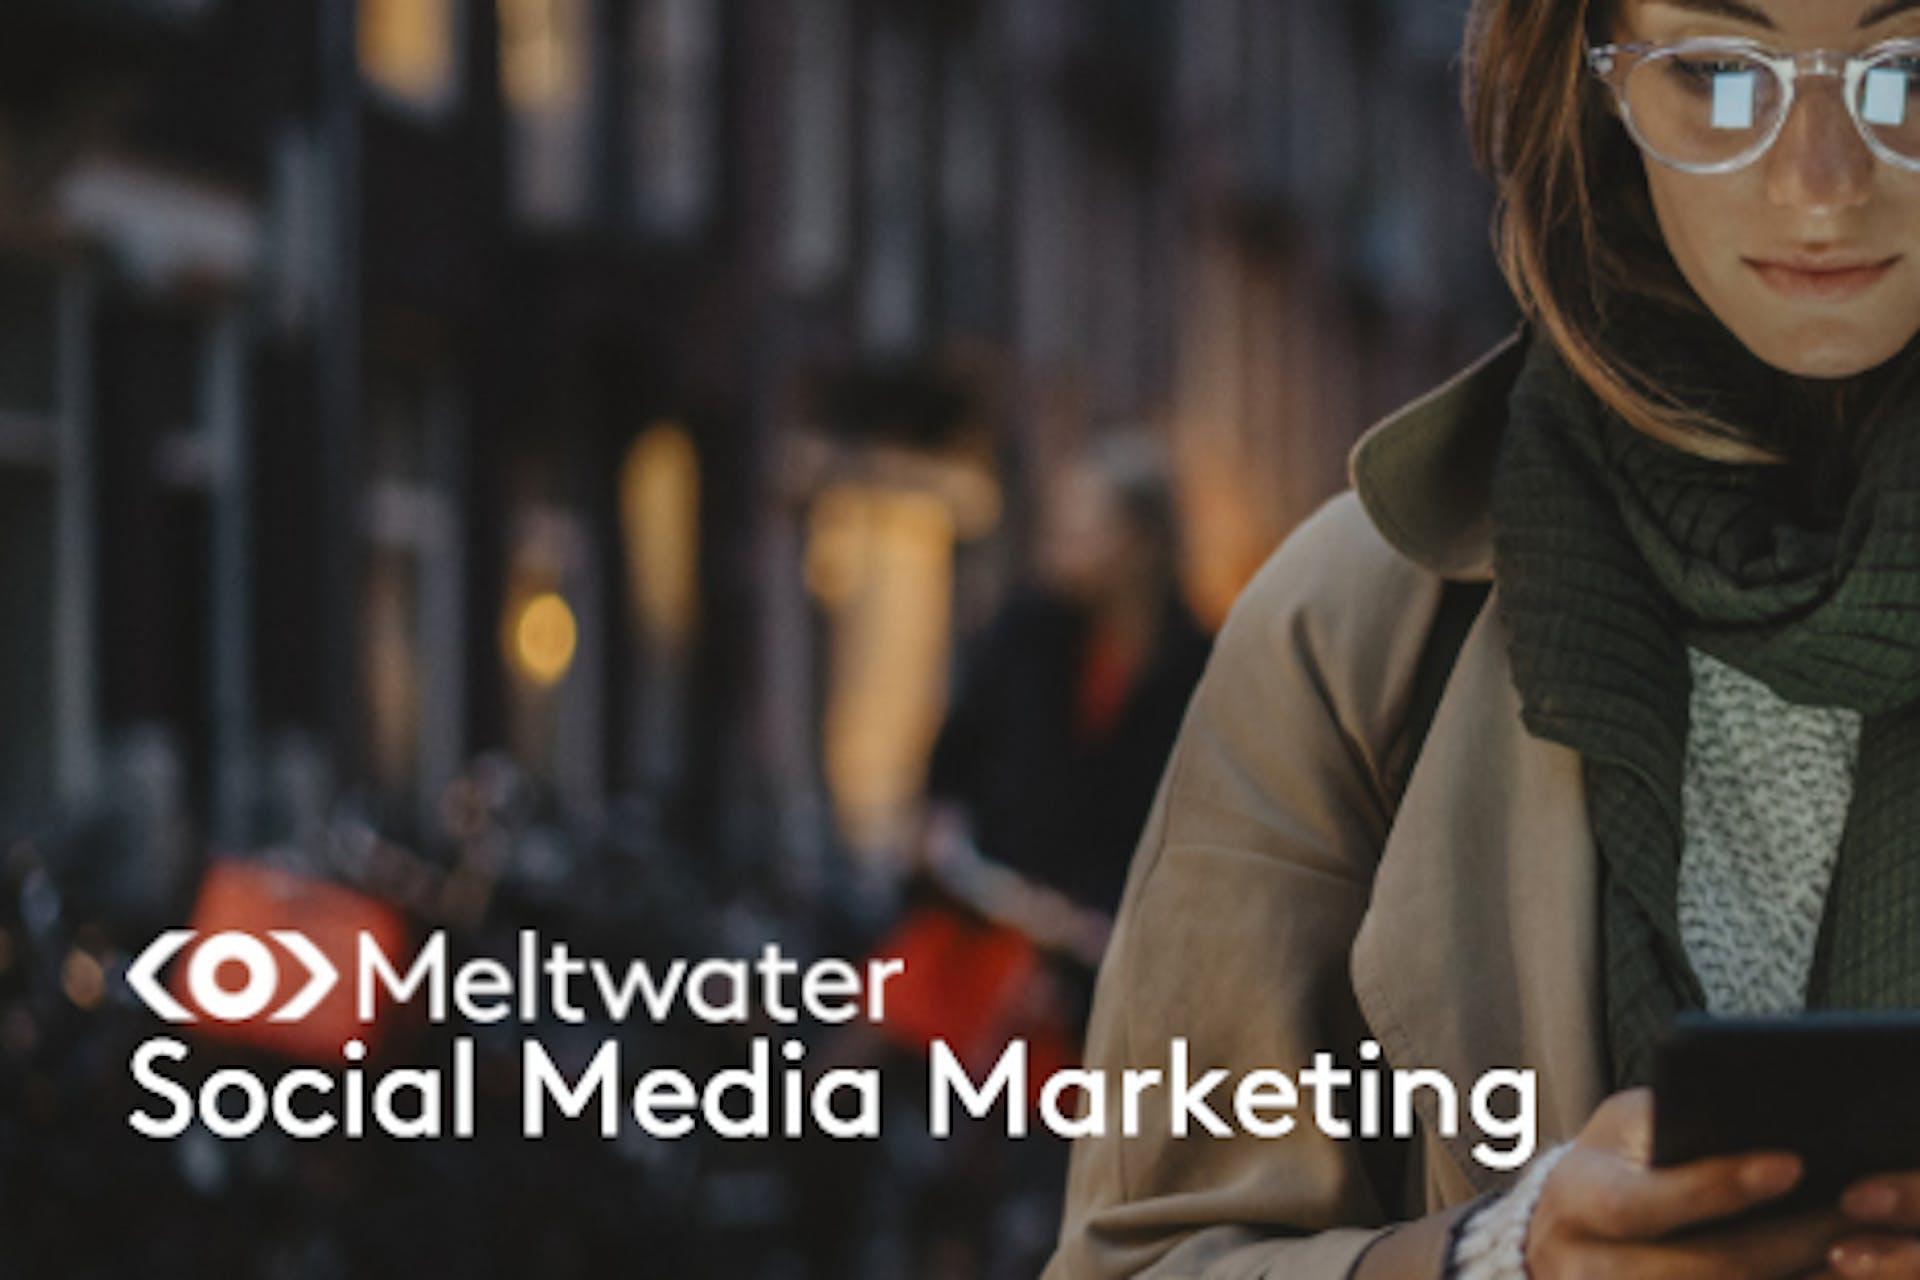 Meltwater Social Media Marketing Frau mit Brille auf der Straße schaut auf ihr Smartphone